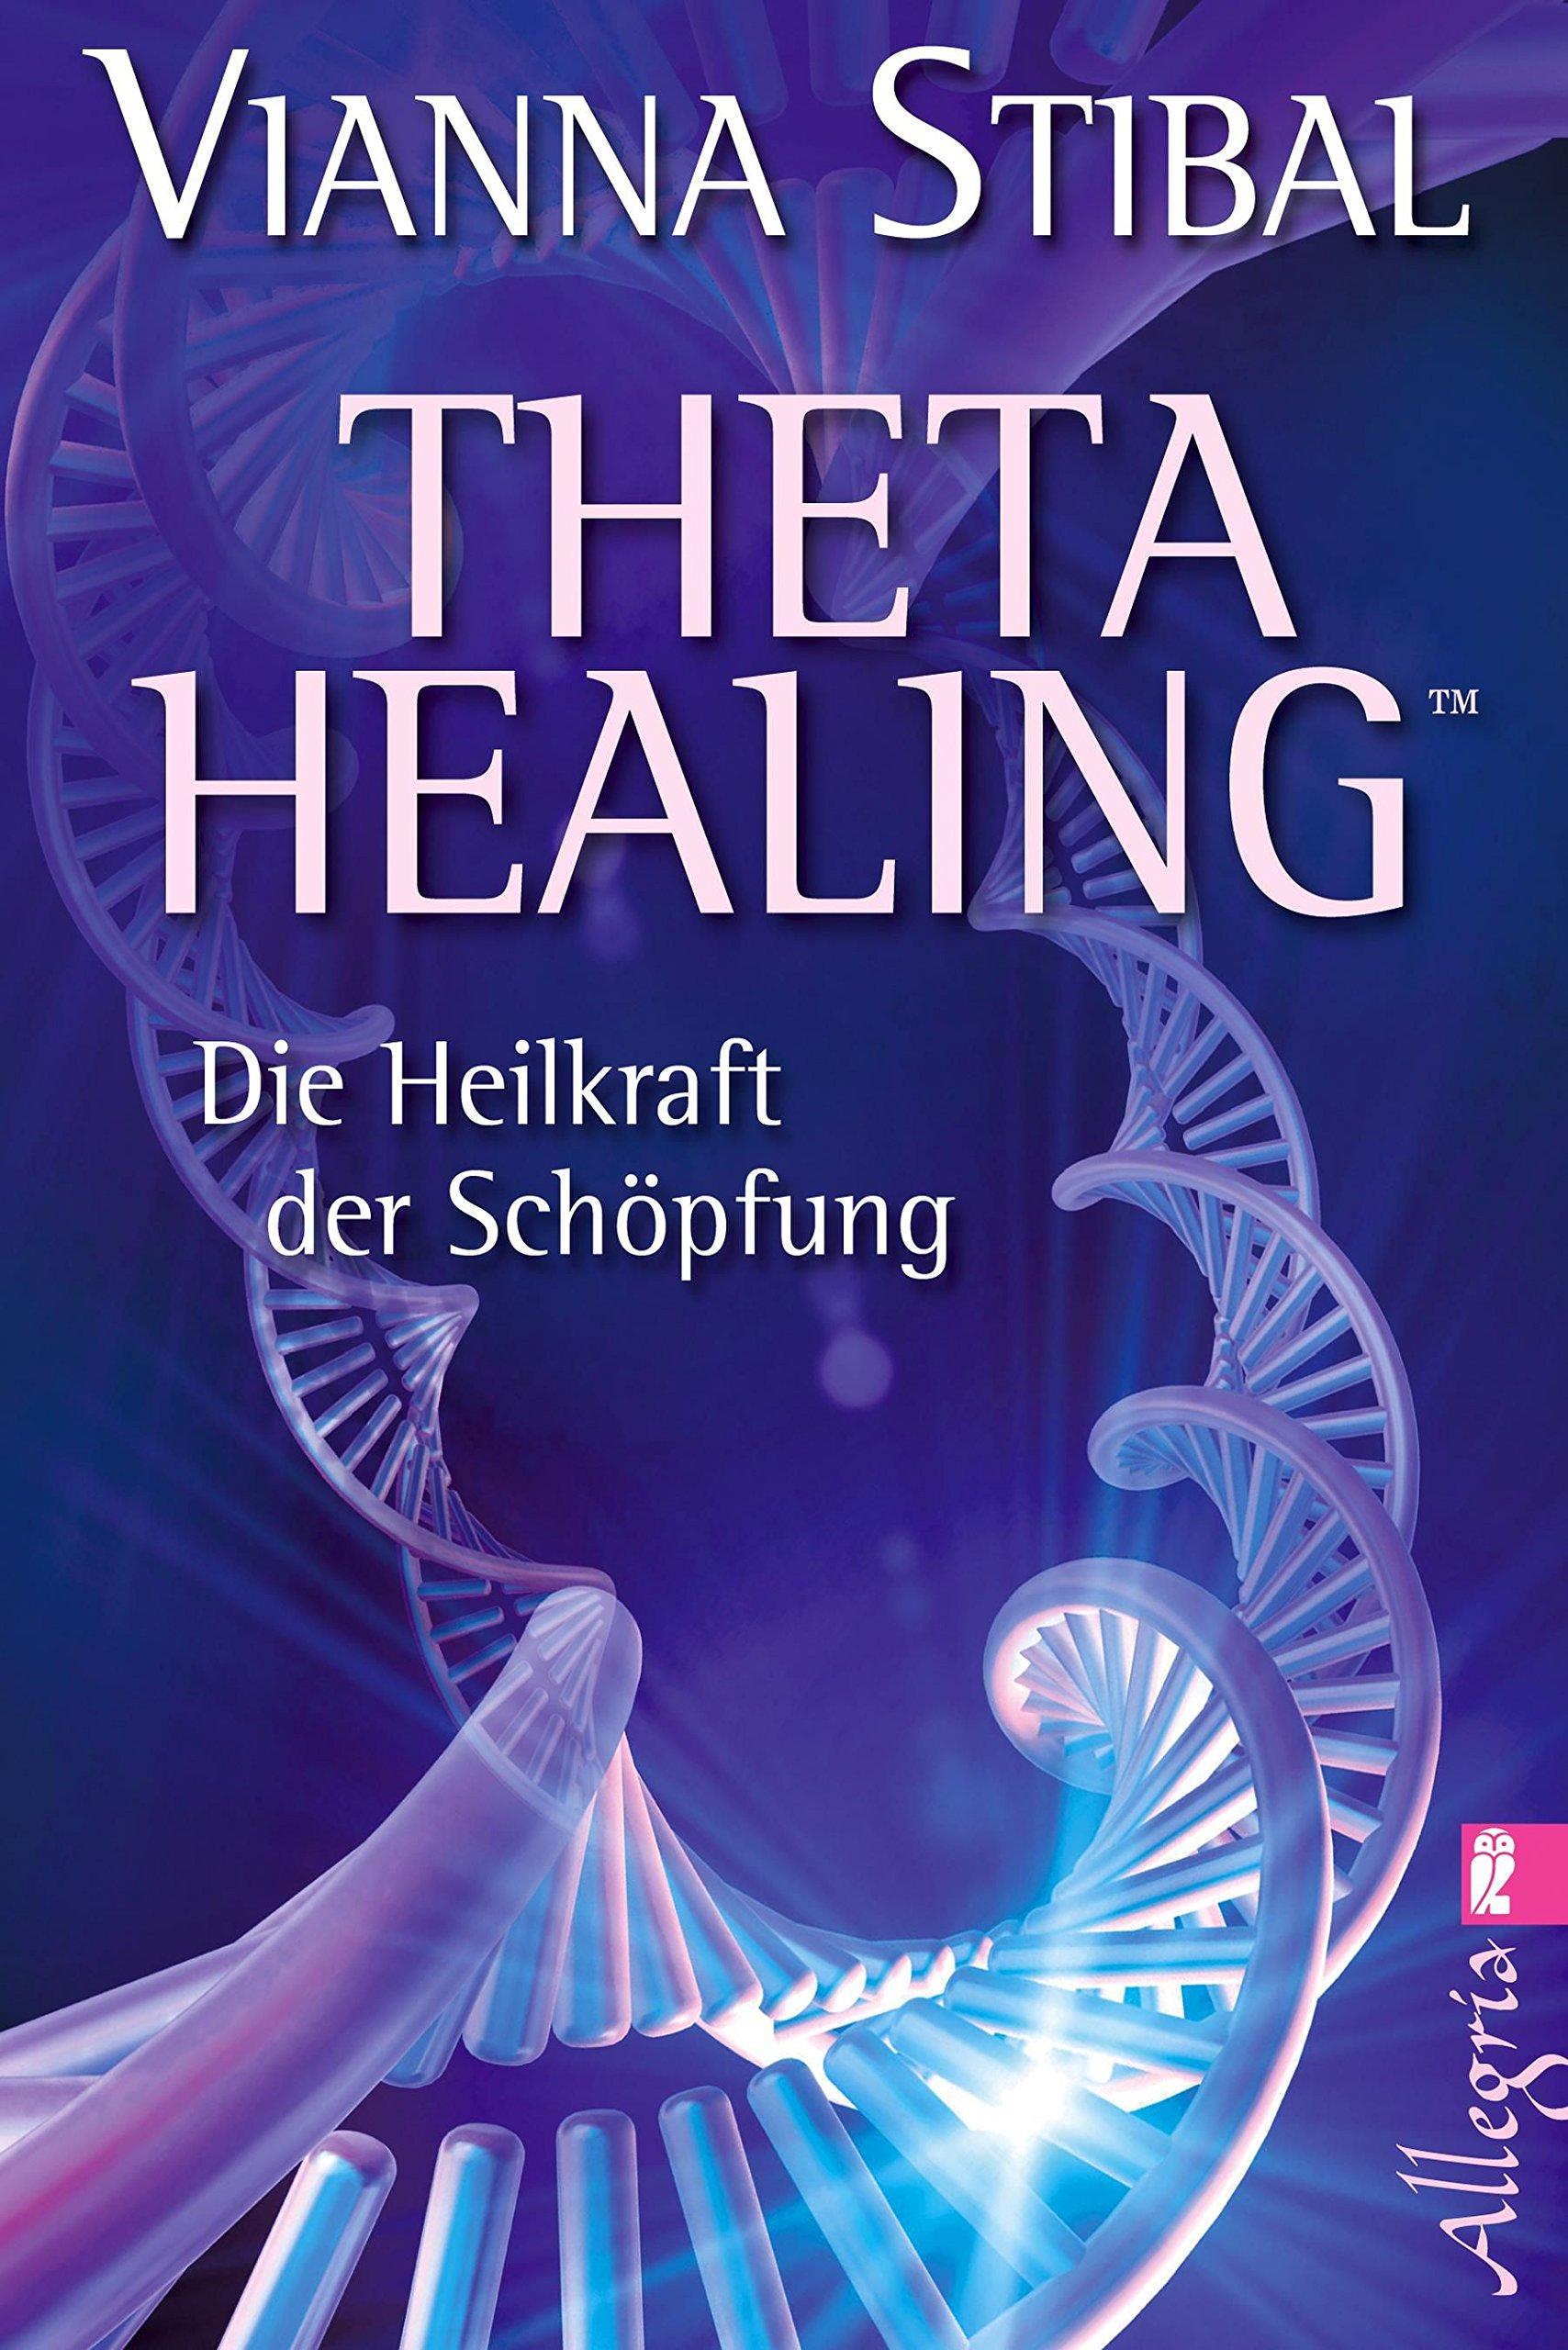 theta-healing-die-heilkraft-der-schpfung